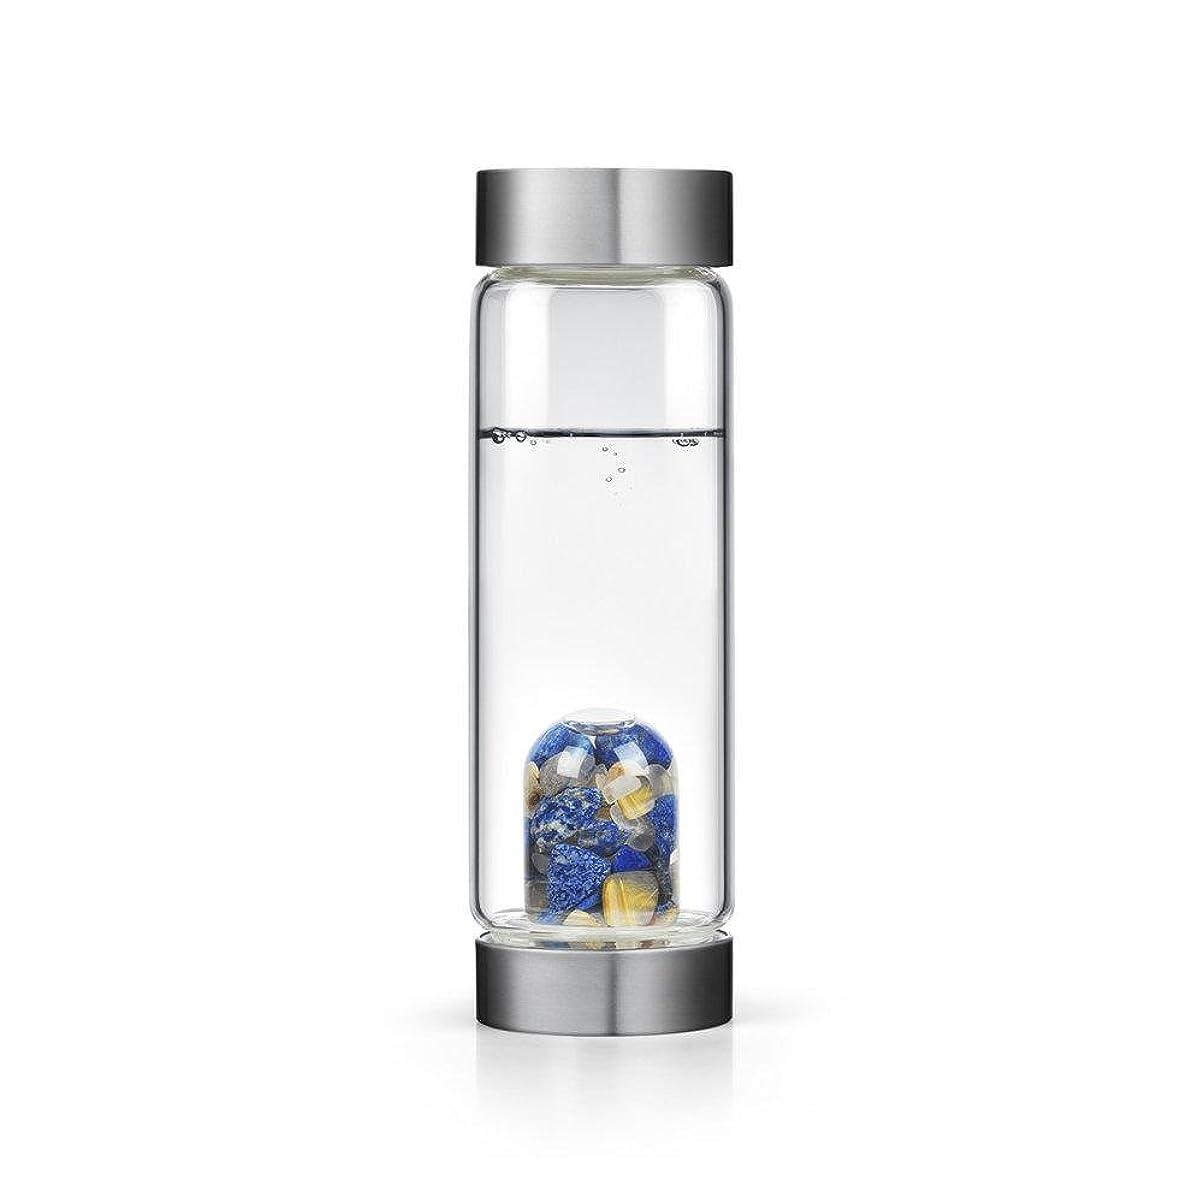 怒ってエトナ山のりインスピレーションgem-waterボトルby VitaJuwel W / Freeカリフォルニアホワイトセージバンドル 16.9 fl oz